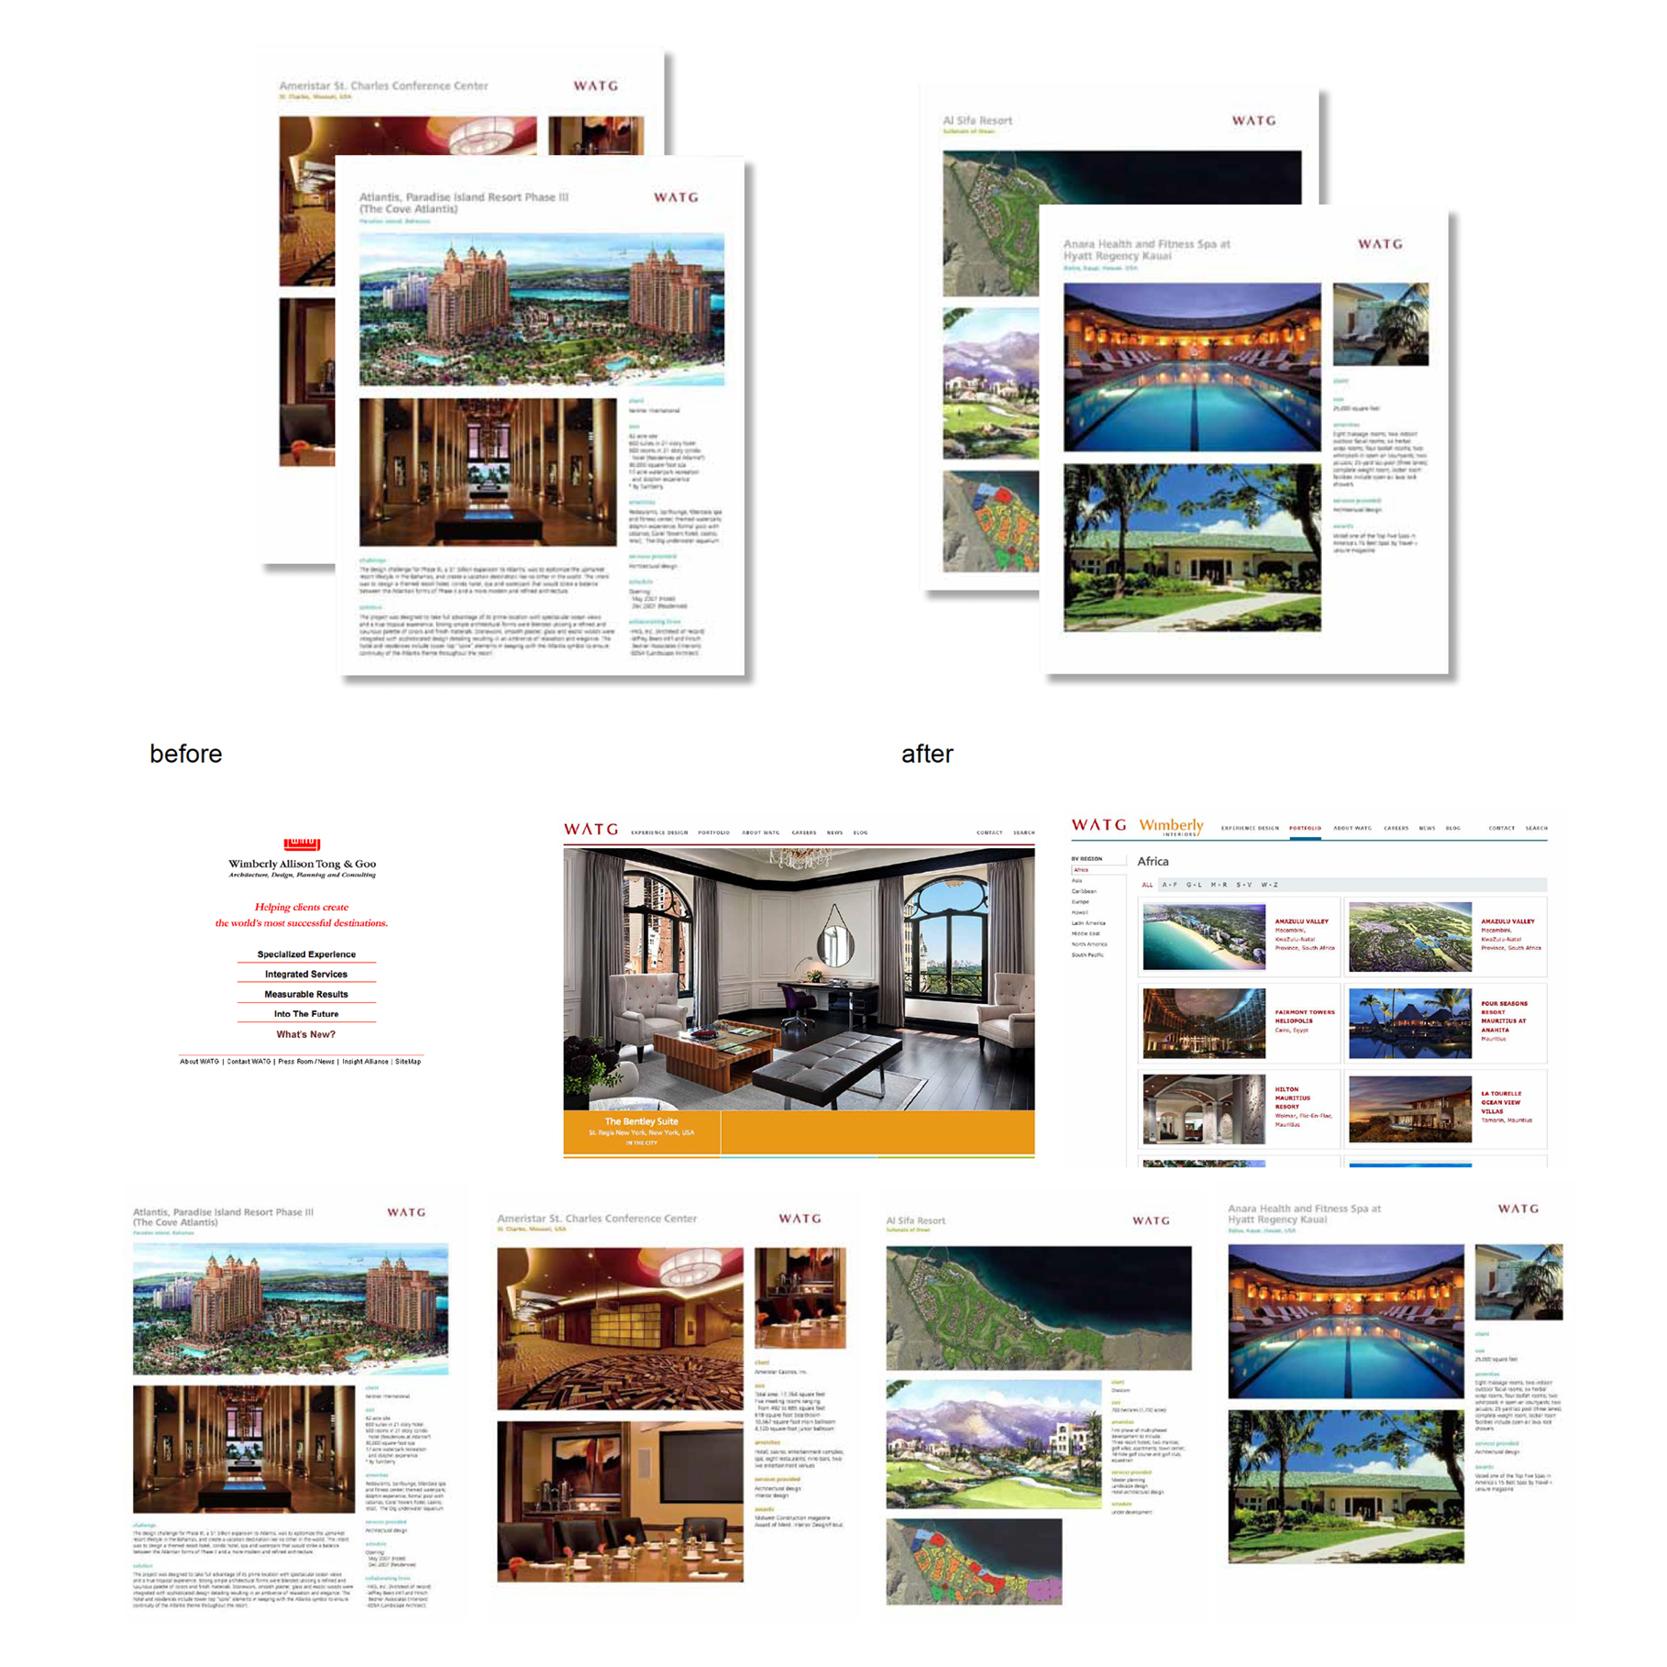 WATG Marketing Materials - One Sheets